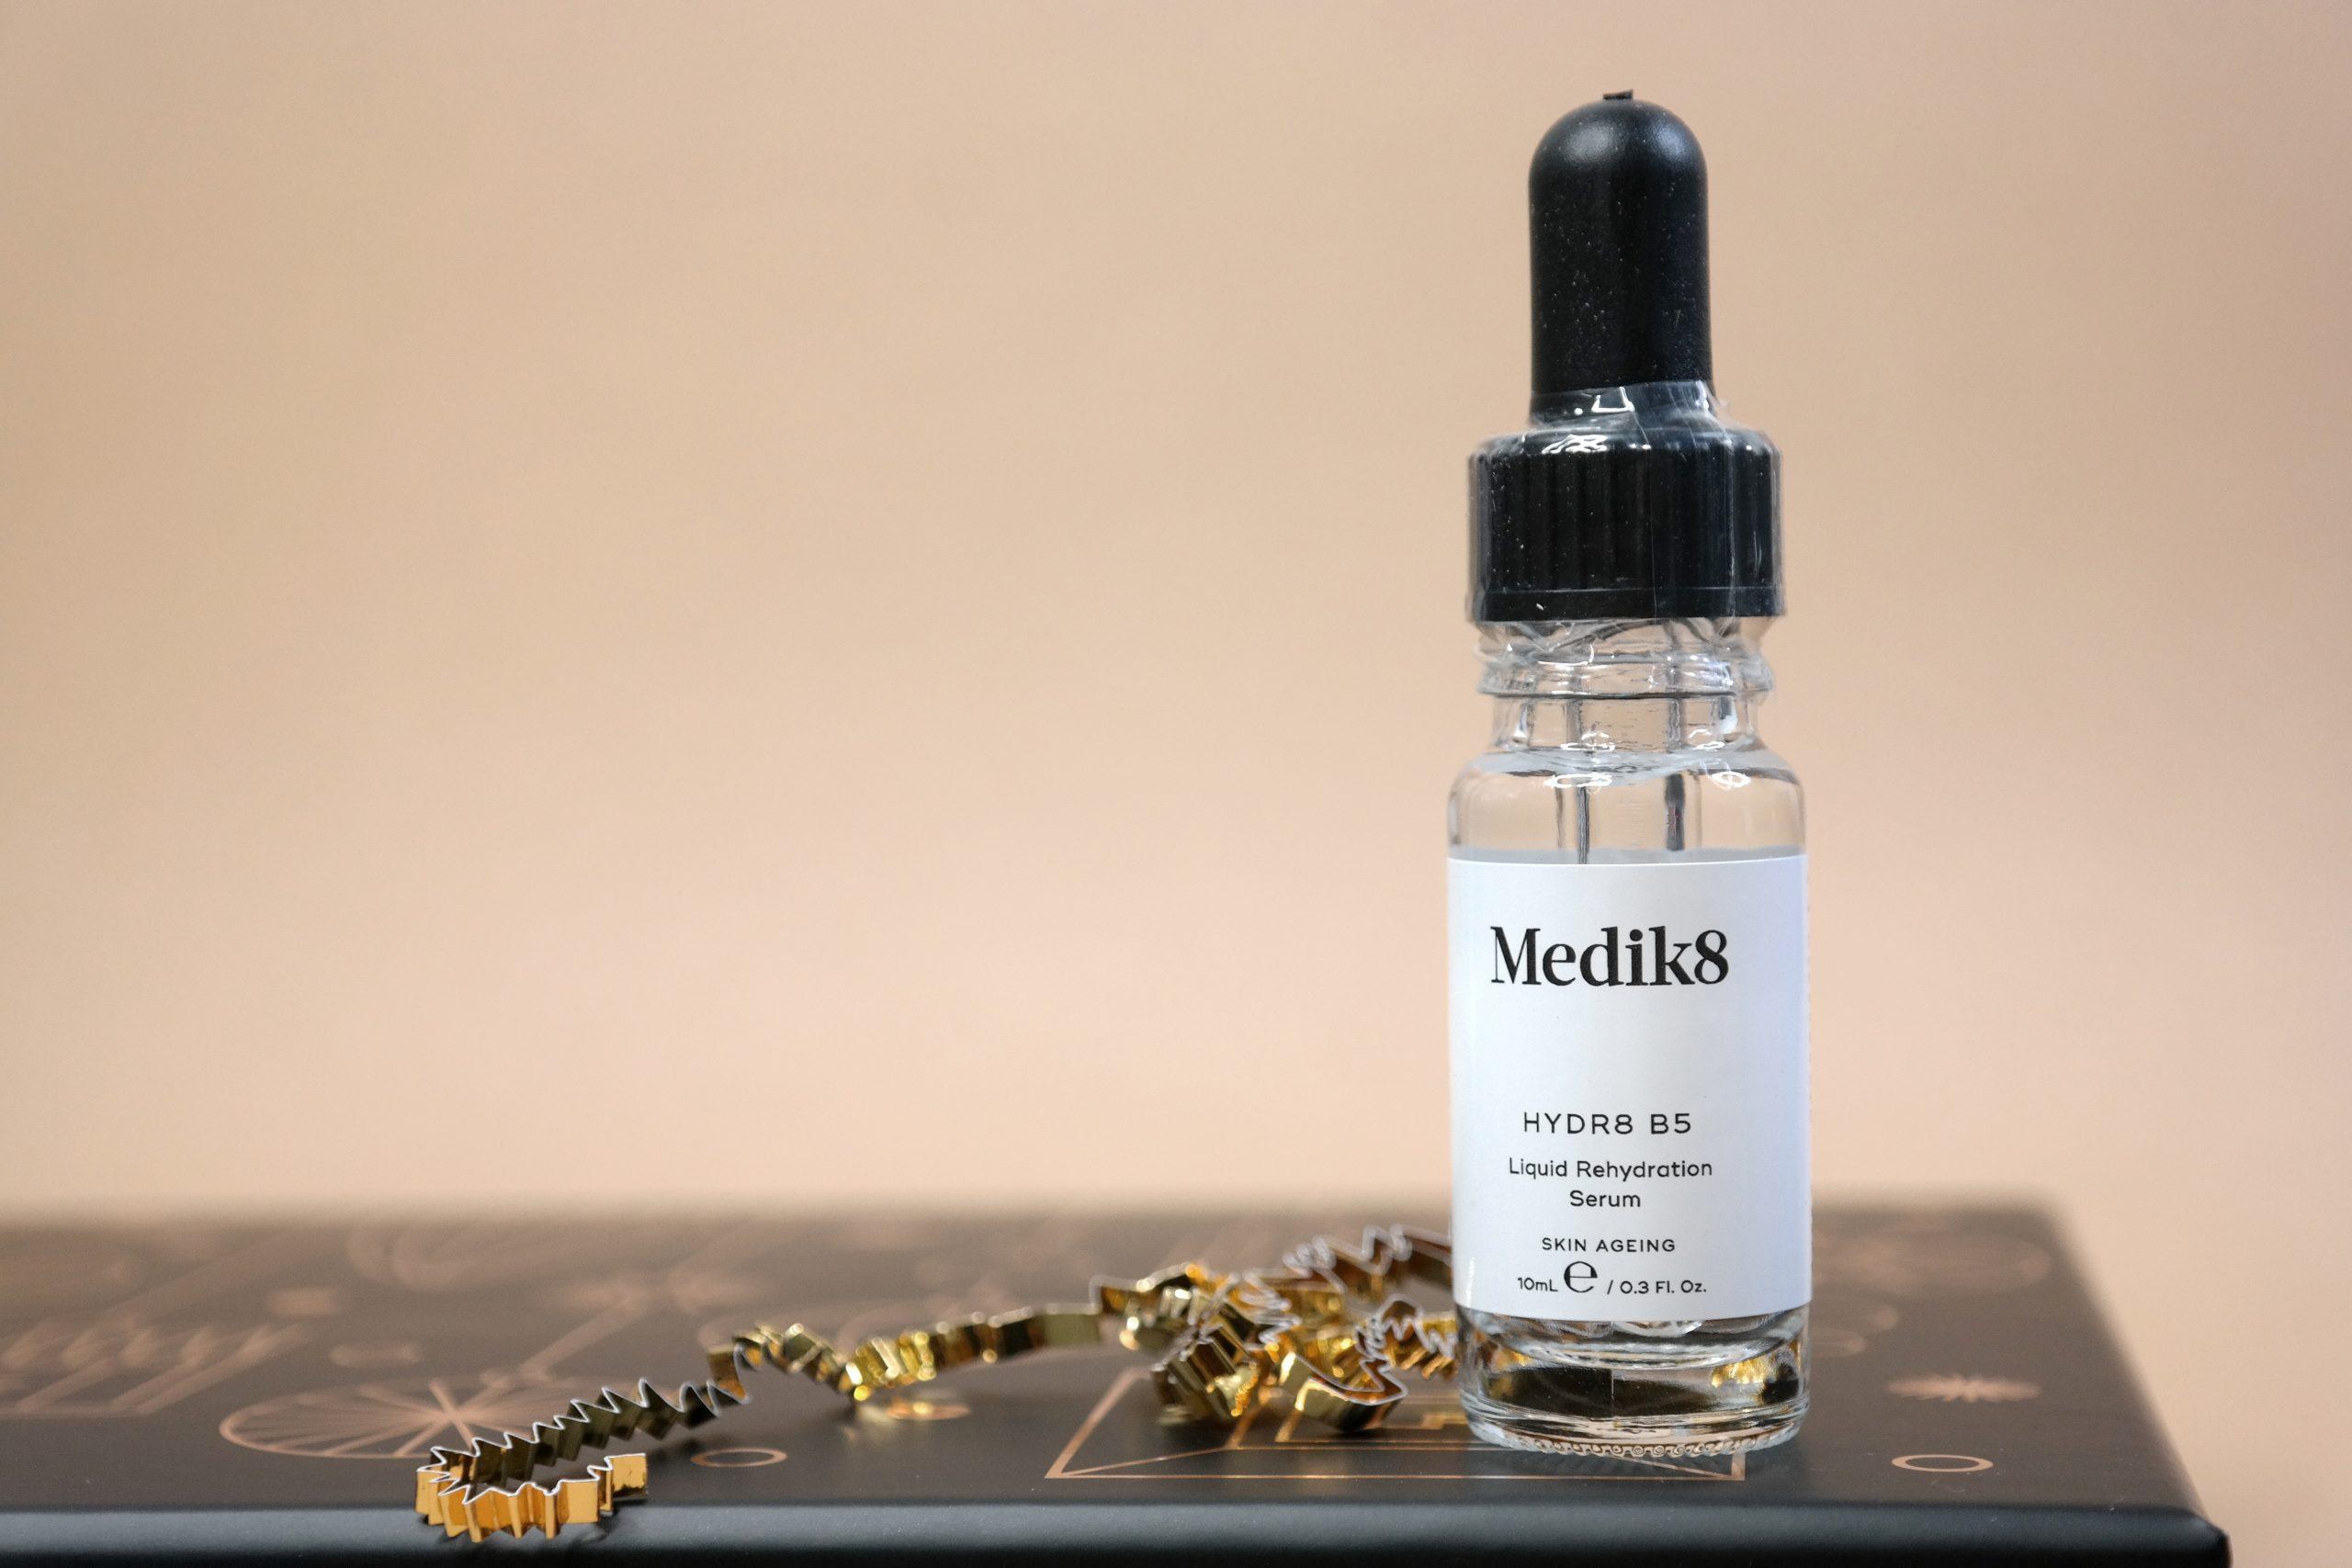 Medik8 HYDR8 B5 Liquid Rehydration Serum